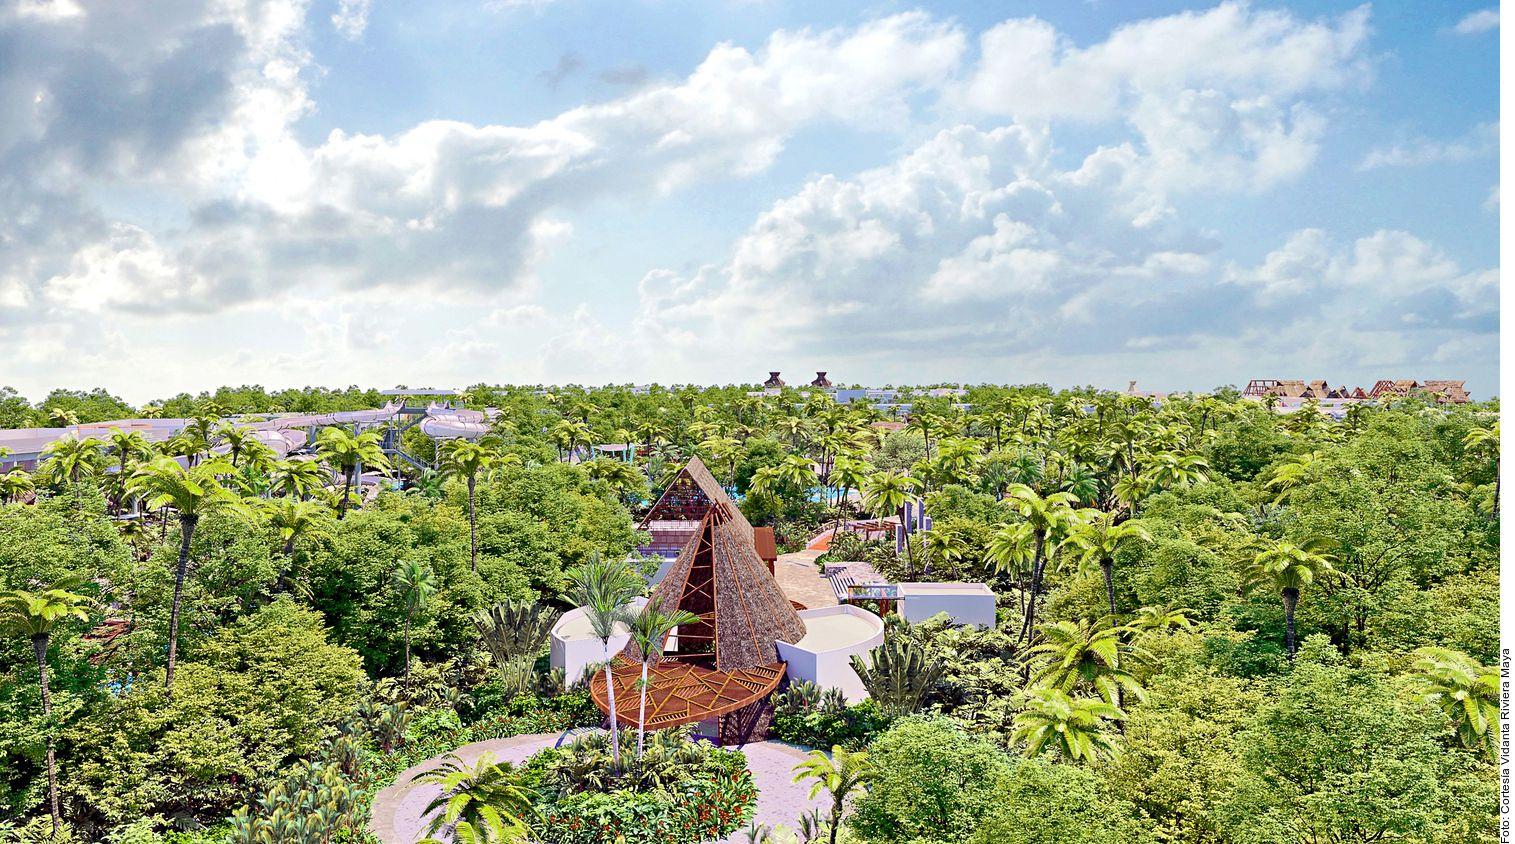 El parque boutique Jungala Luxury Waterpark, ubicado dentro del complejo Vidanta Riviera Maya, en Playa del Carmen, Quintana Roo, contará con 10 atracciones en las que niños, familias completas y aventureros encontrarán opciones para cada quien. (AGENCIA REFORMA)